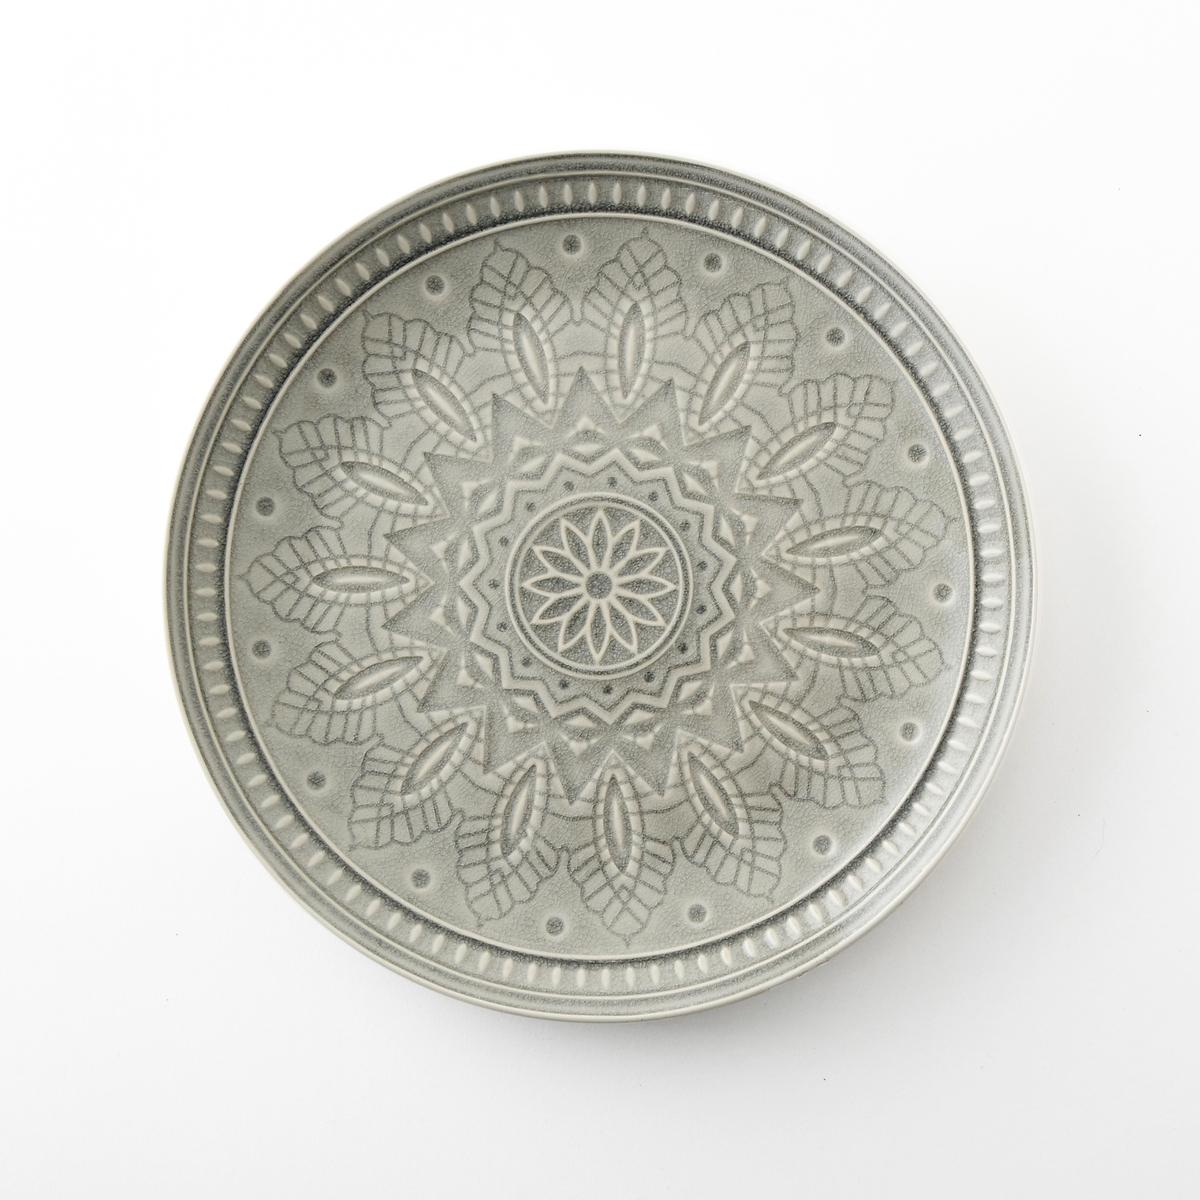 Комплект из 4 мелких тарелок из керамики Nicolosi4 мелких тарелки Nicolosi. Из керамики с трещинами глазури. Рельефный рисунок. Подходит для посудомоечных машин. Размеры : диаметр 26,7 x высота 3 см.<br><br>Цвет: серый